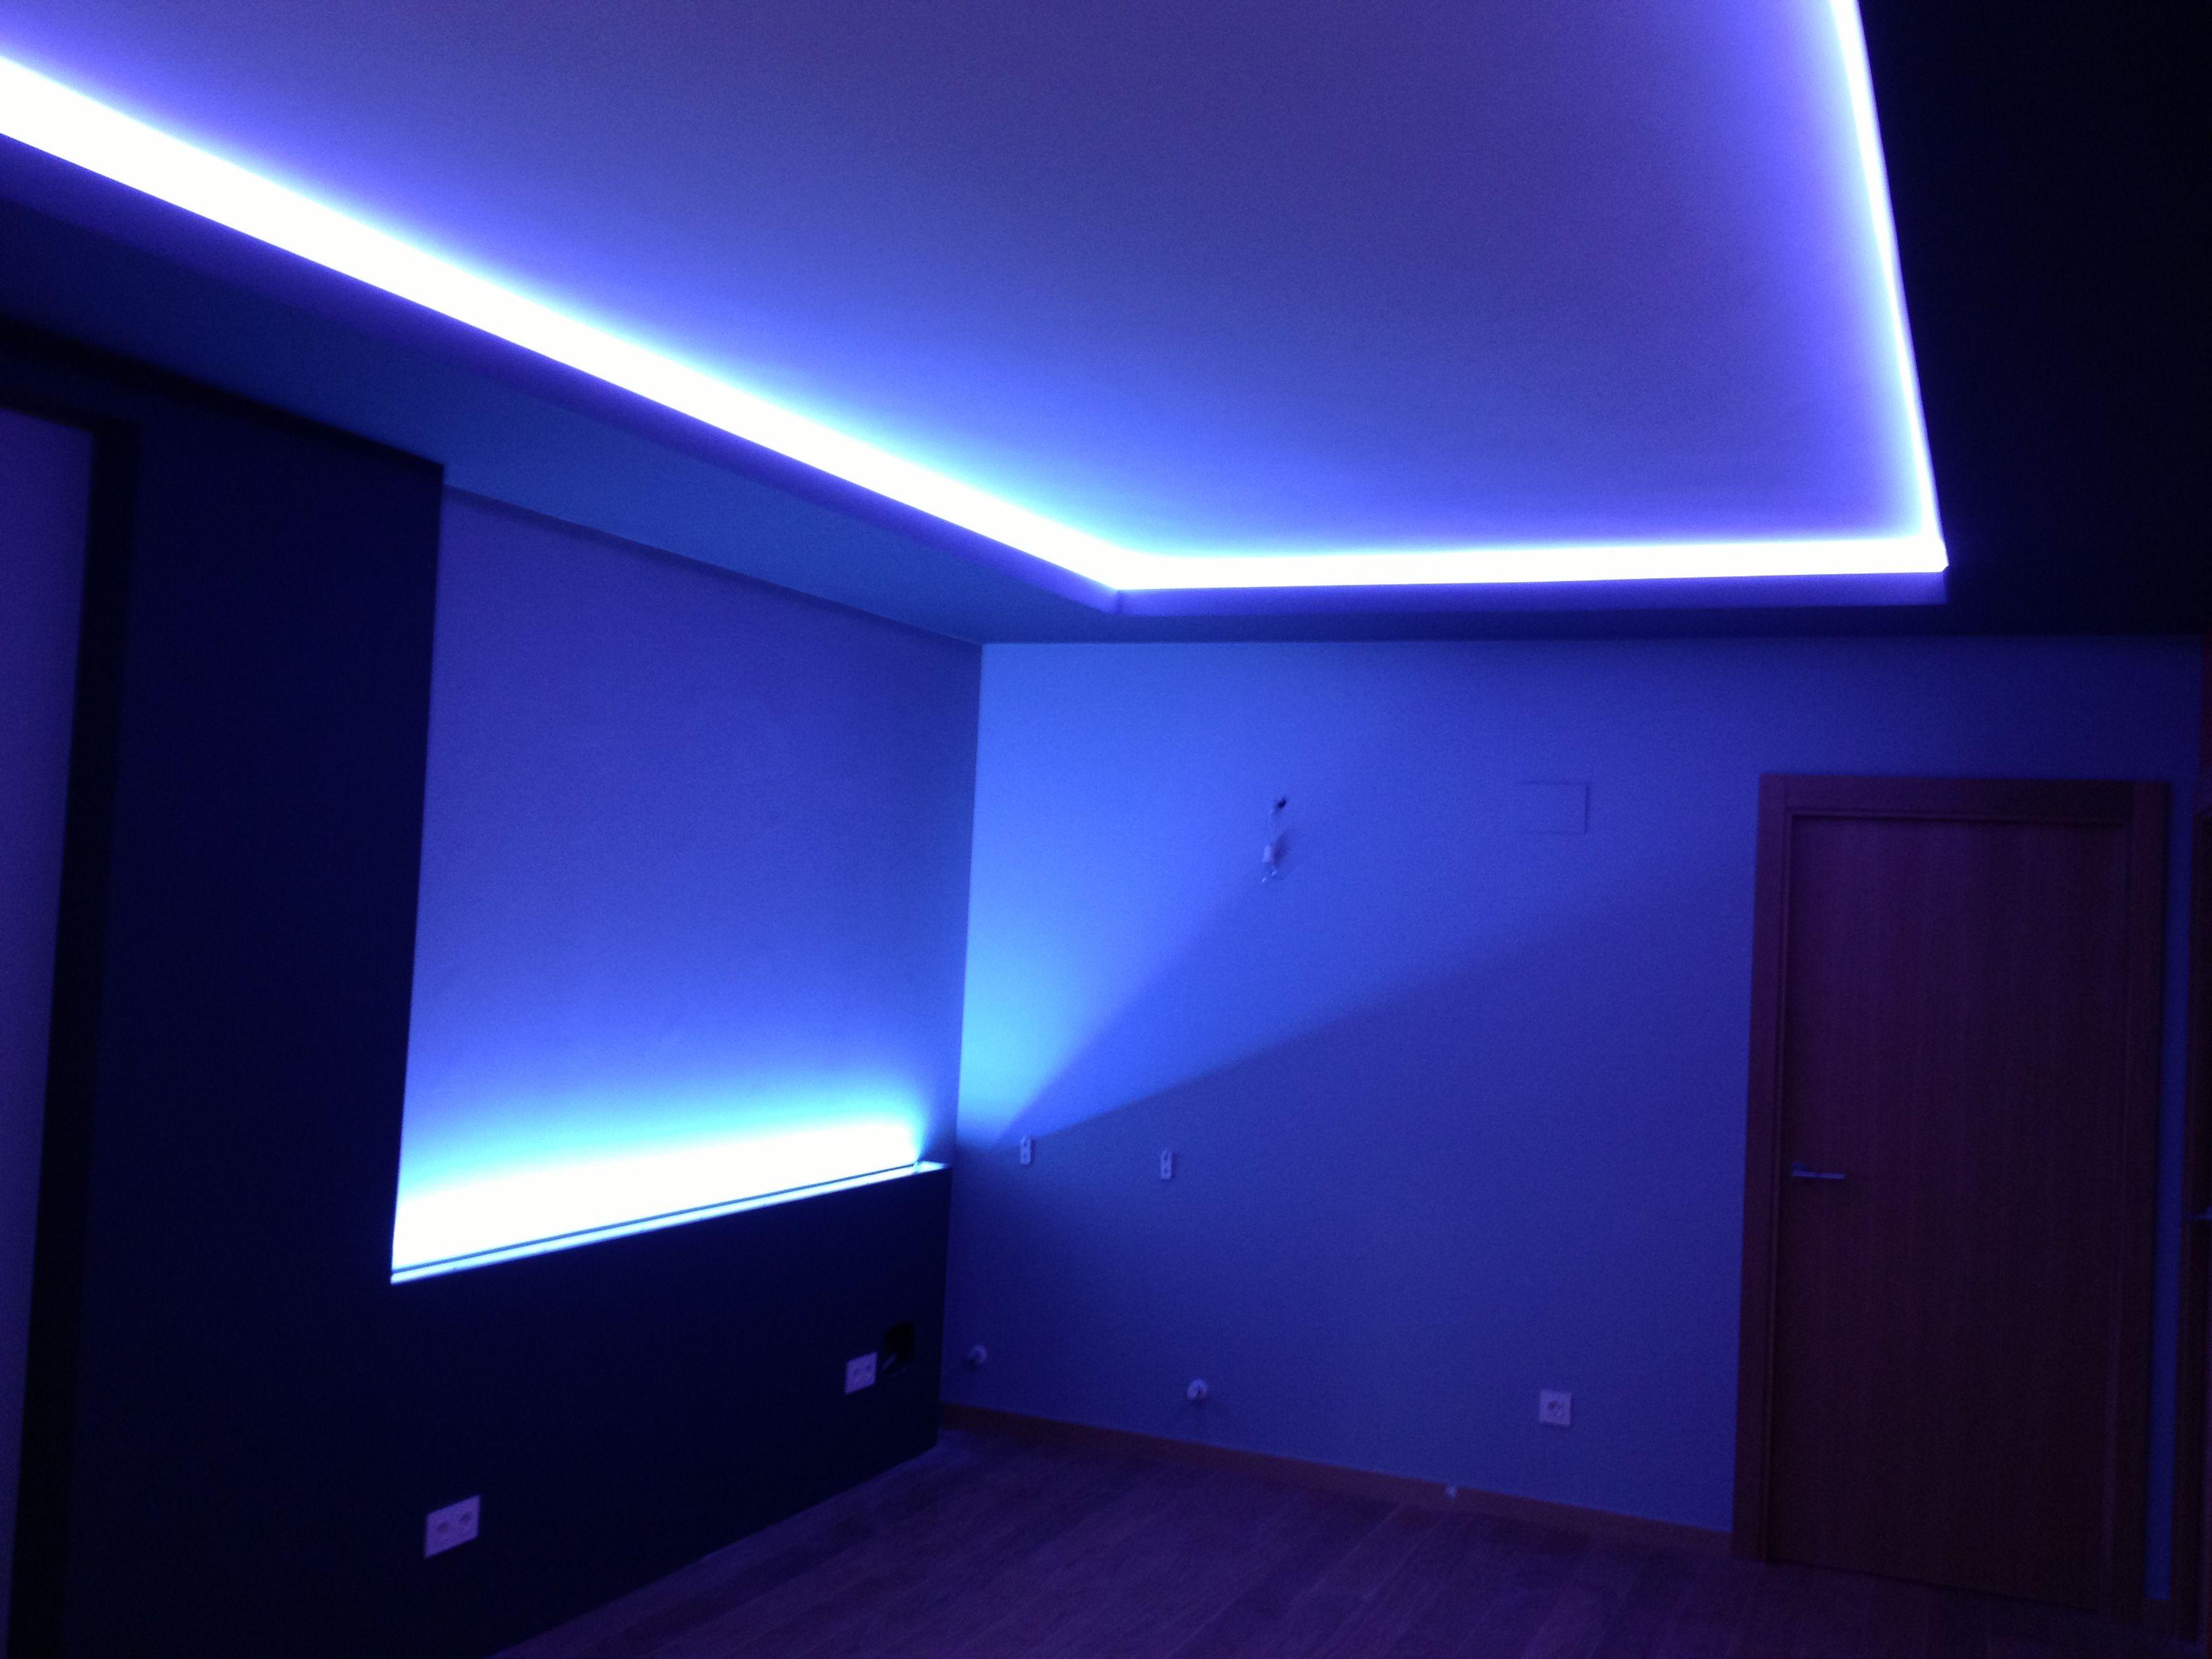 Iluminaci n tiras de led iluminacion led interiores - Iluminacion led decorativa ...